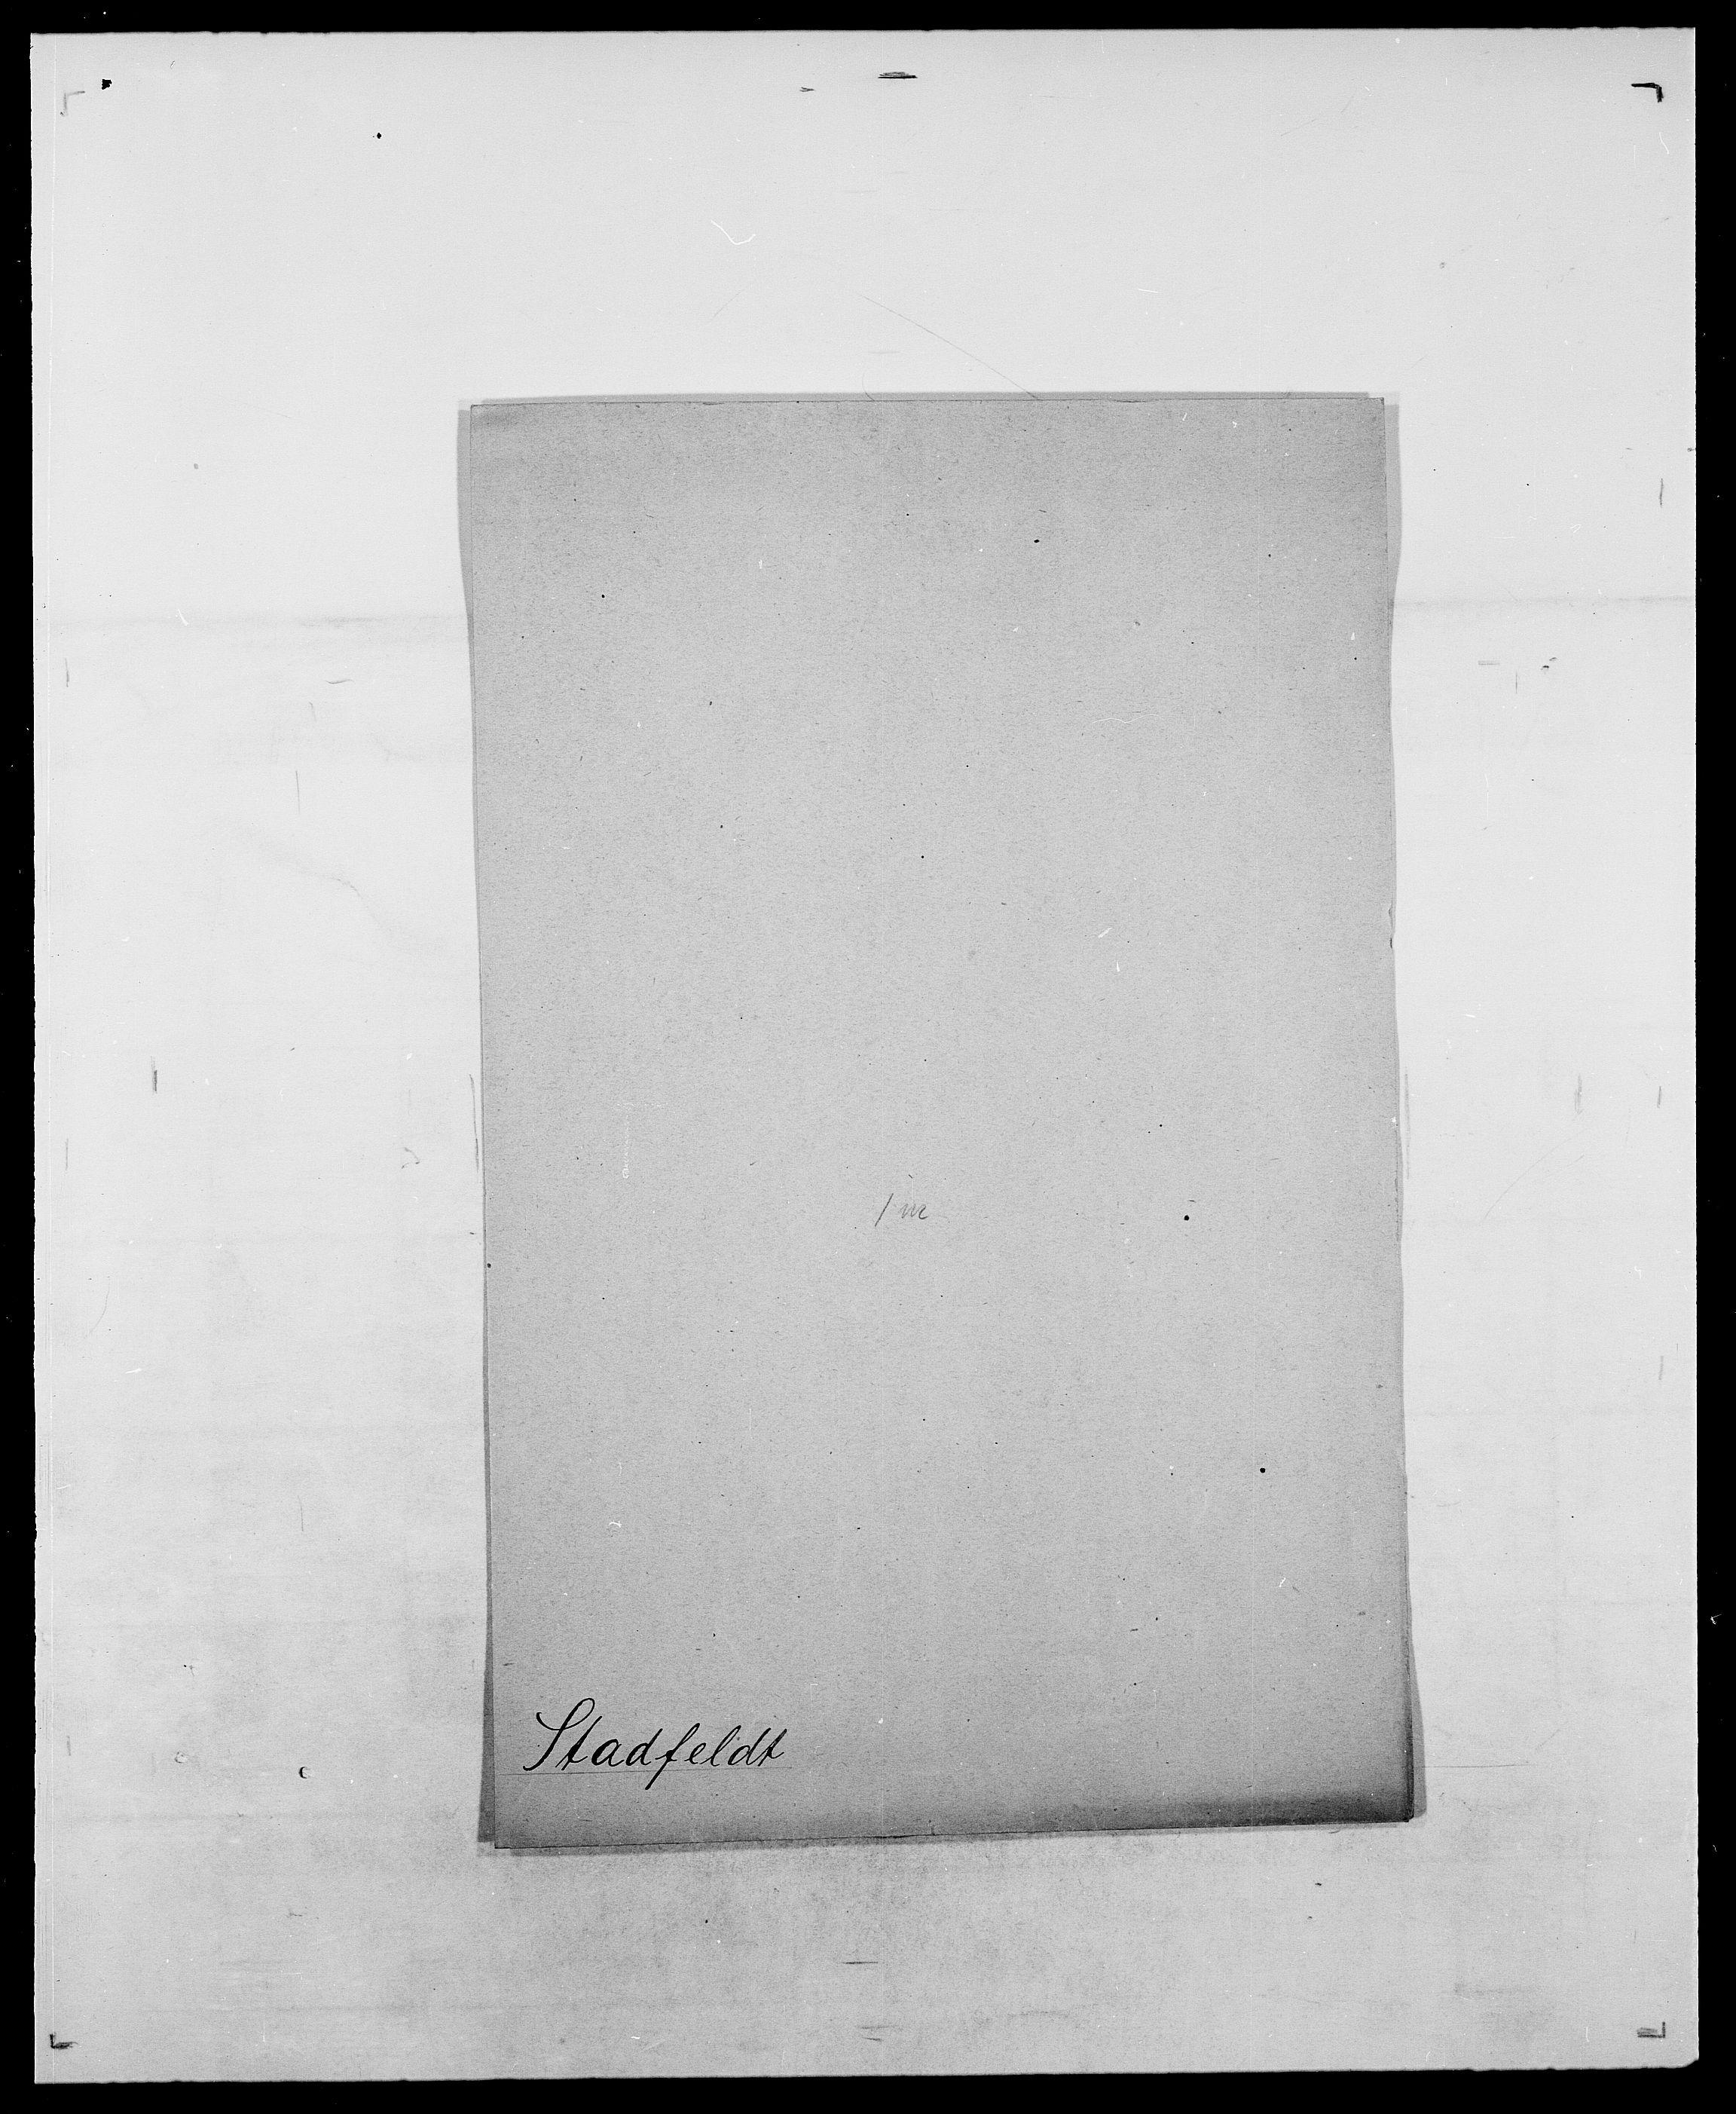 SAO, Delgobe, Charles Antoine - samling, D/Da/L0036: Skaanør - Staverskov, s. 920